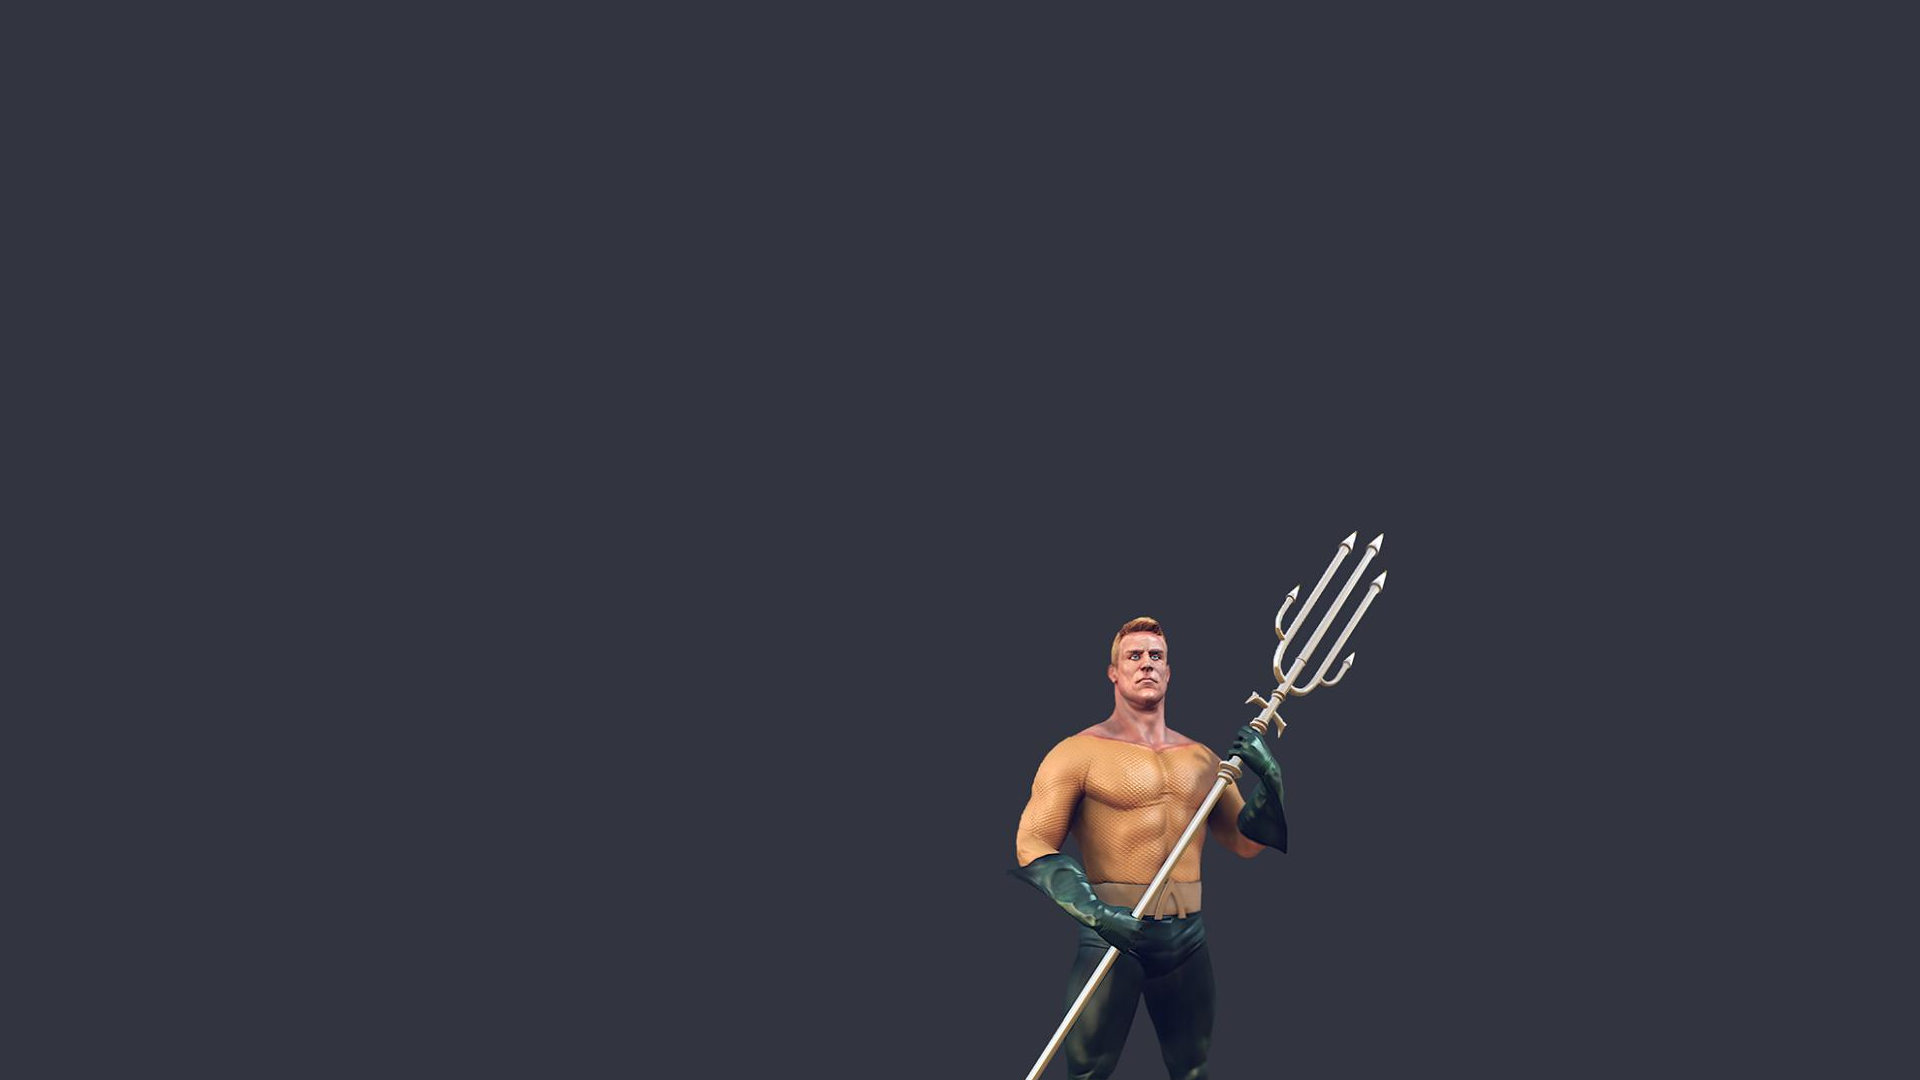 Comics - Aquaman  Wallpaper